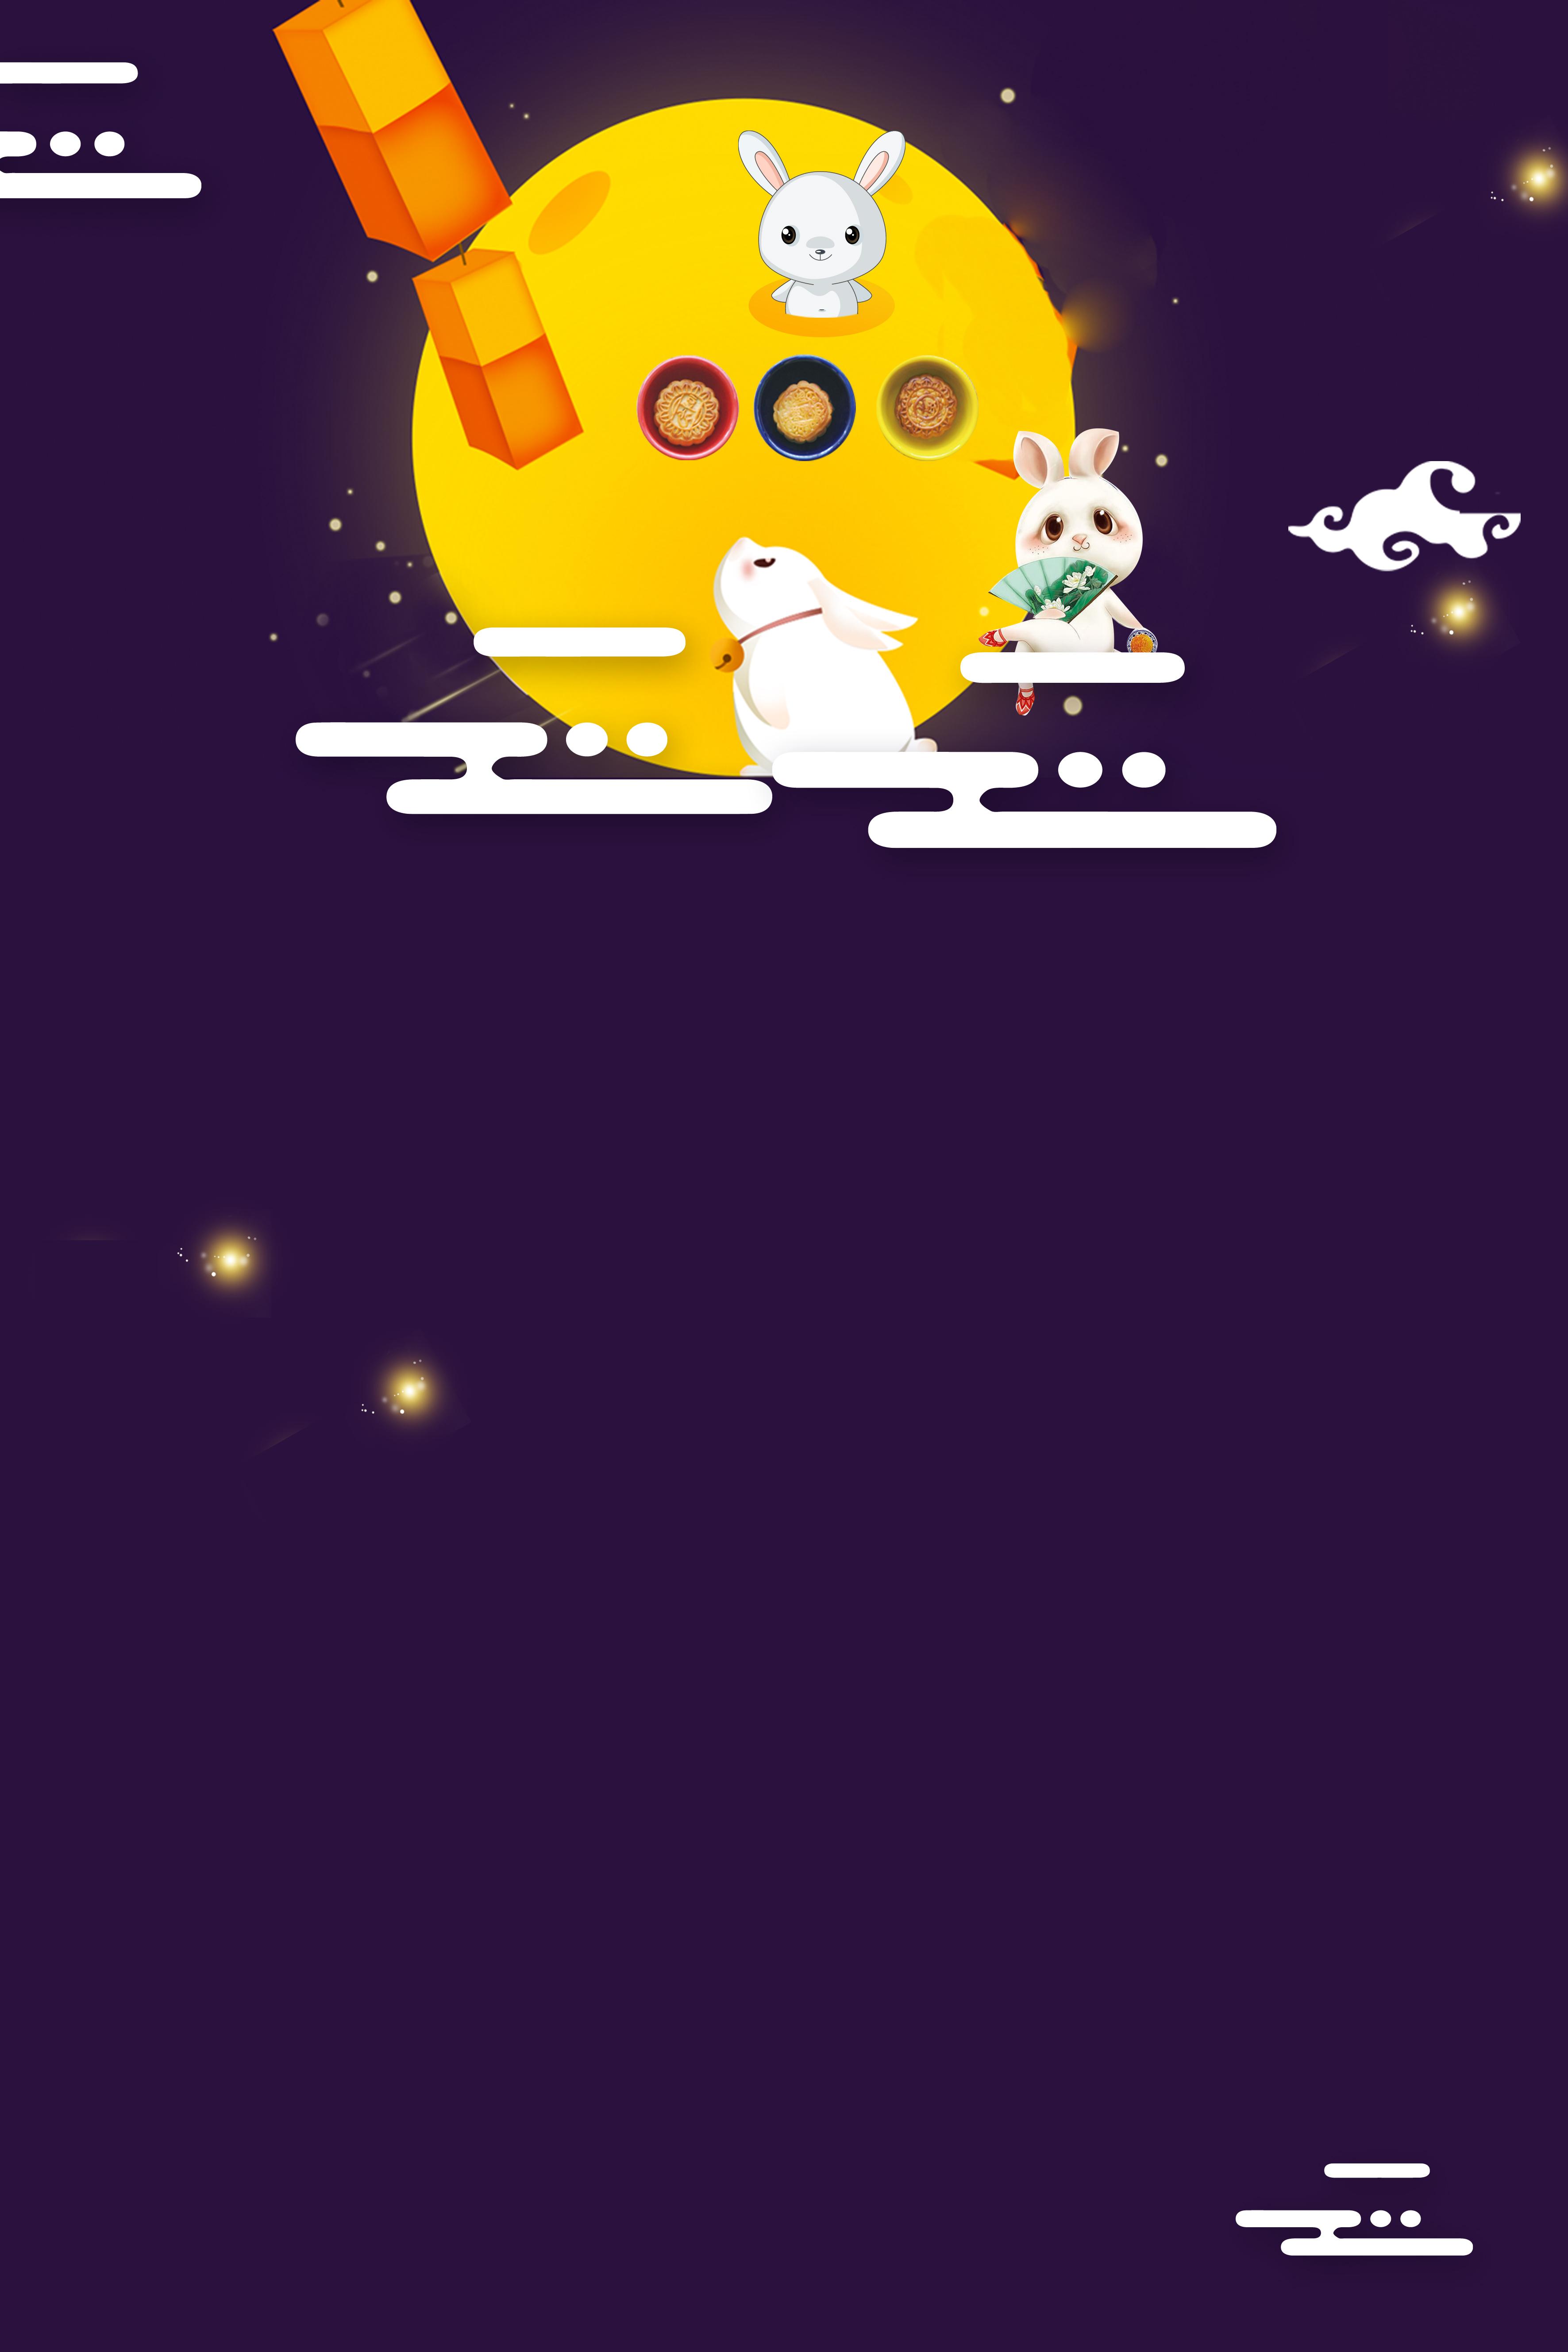 Cartoon Handpainted Mid Autumn Festival Lovely Rabbit Moon